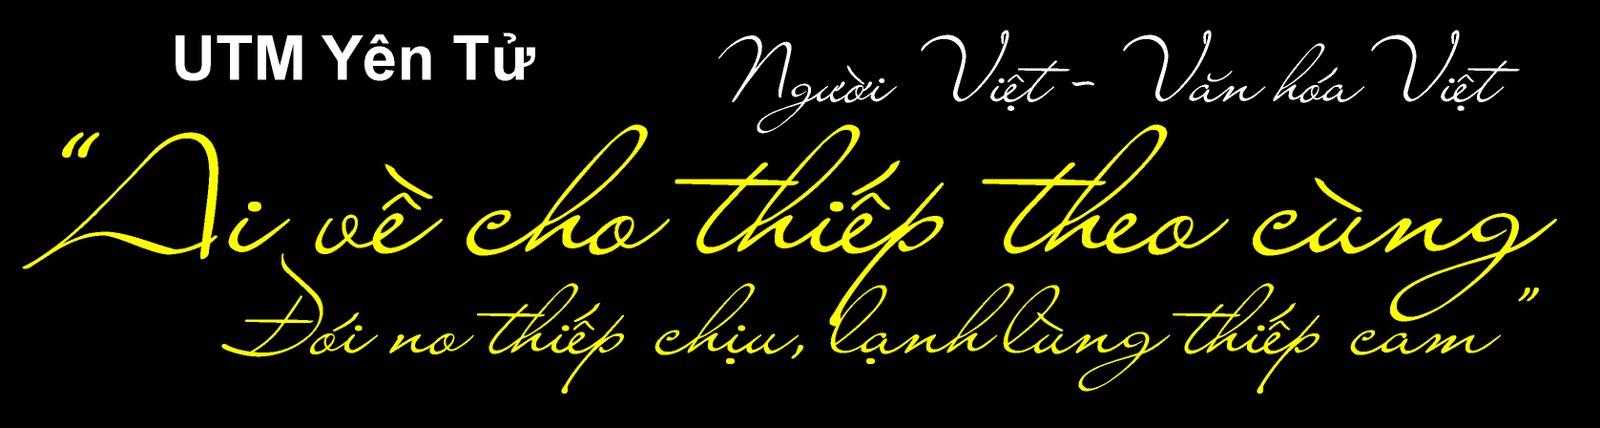 Font chữ viết tay UTM Yen Tu